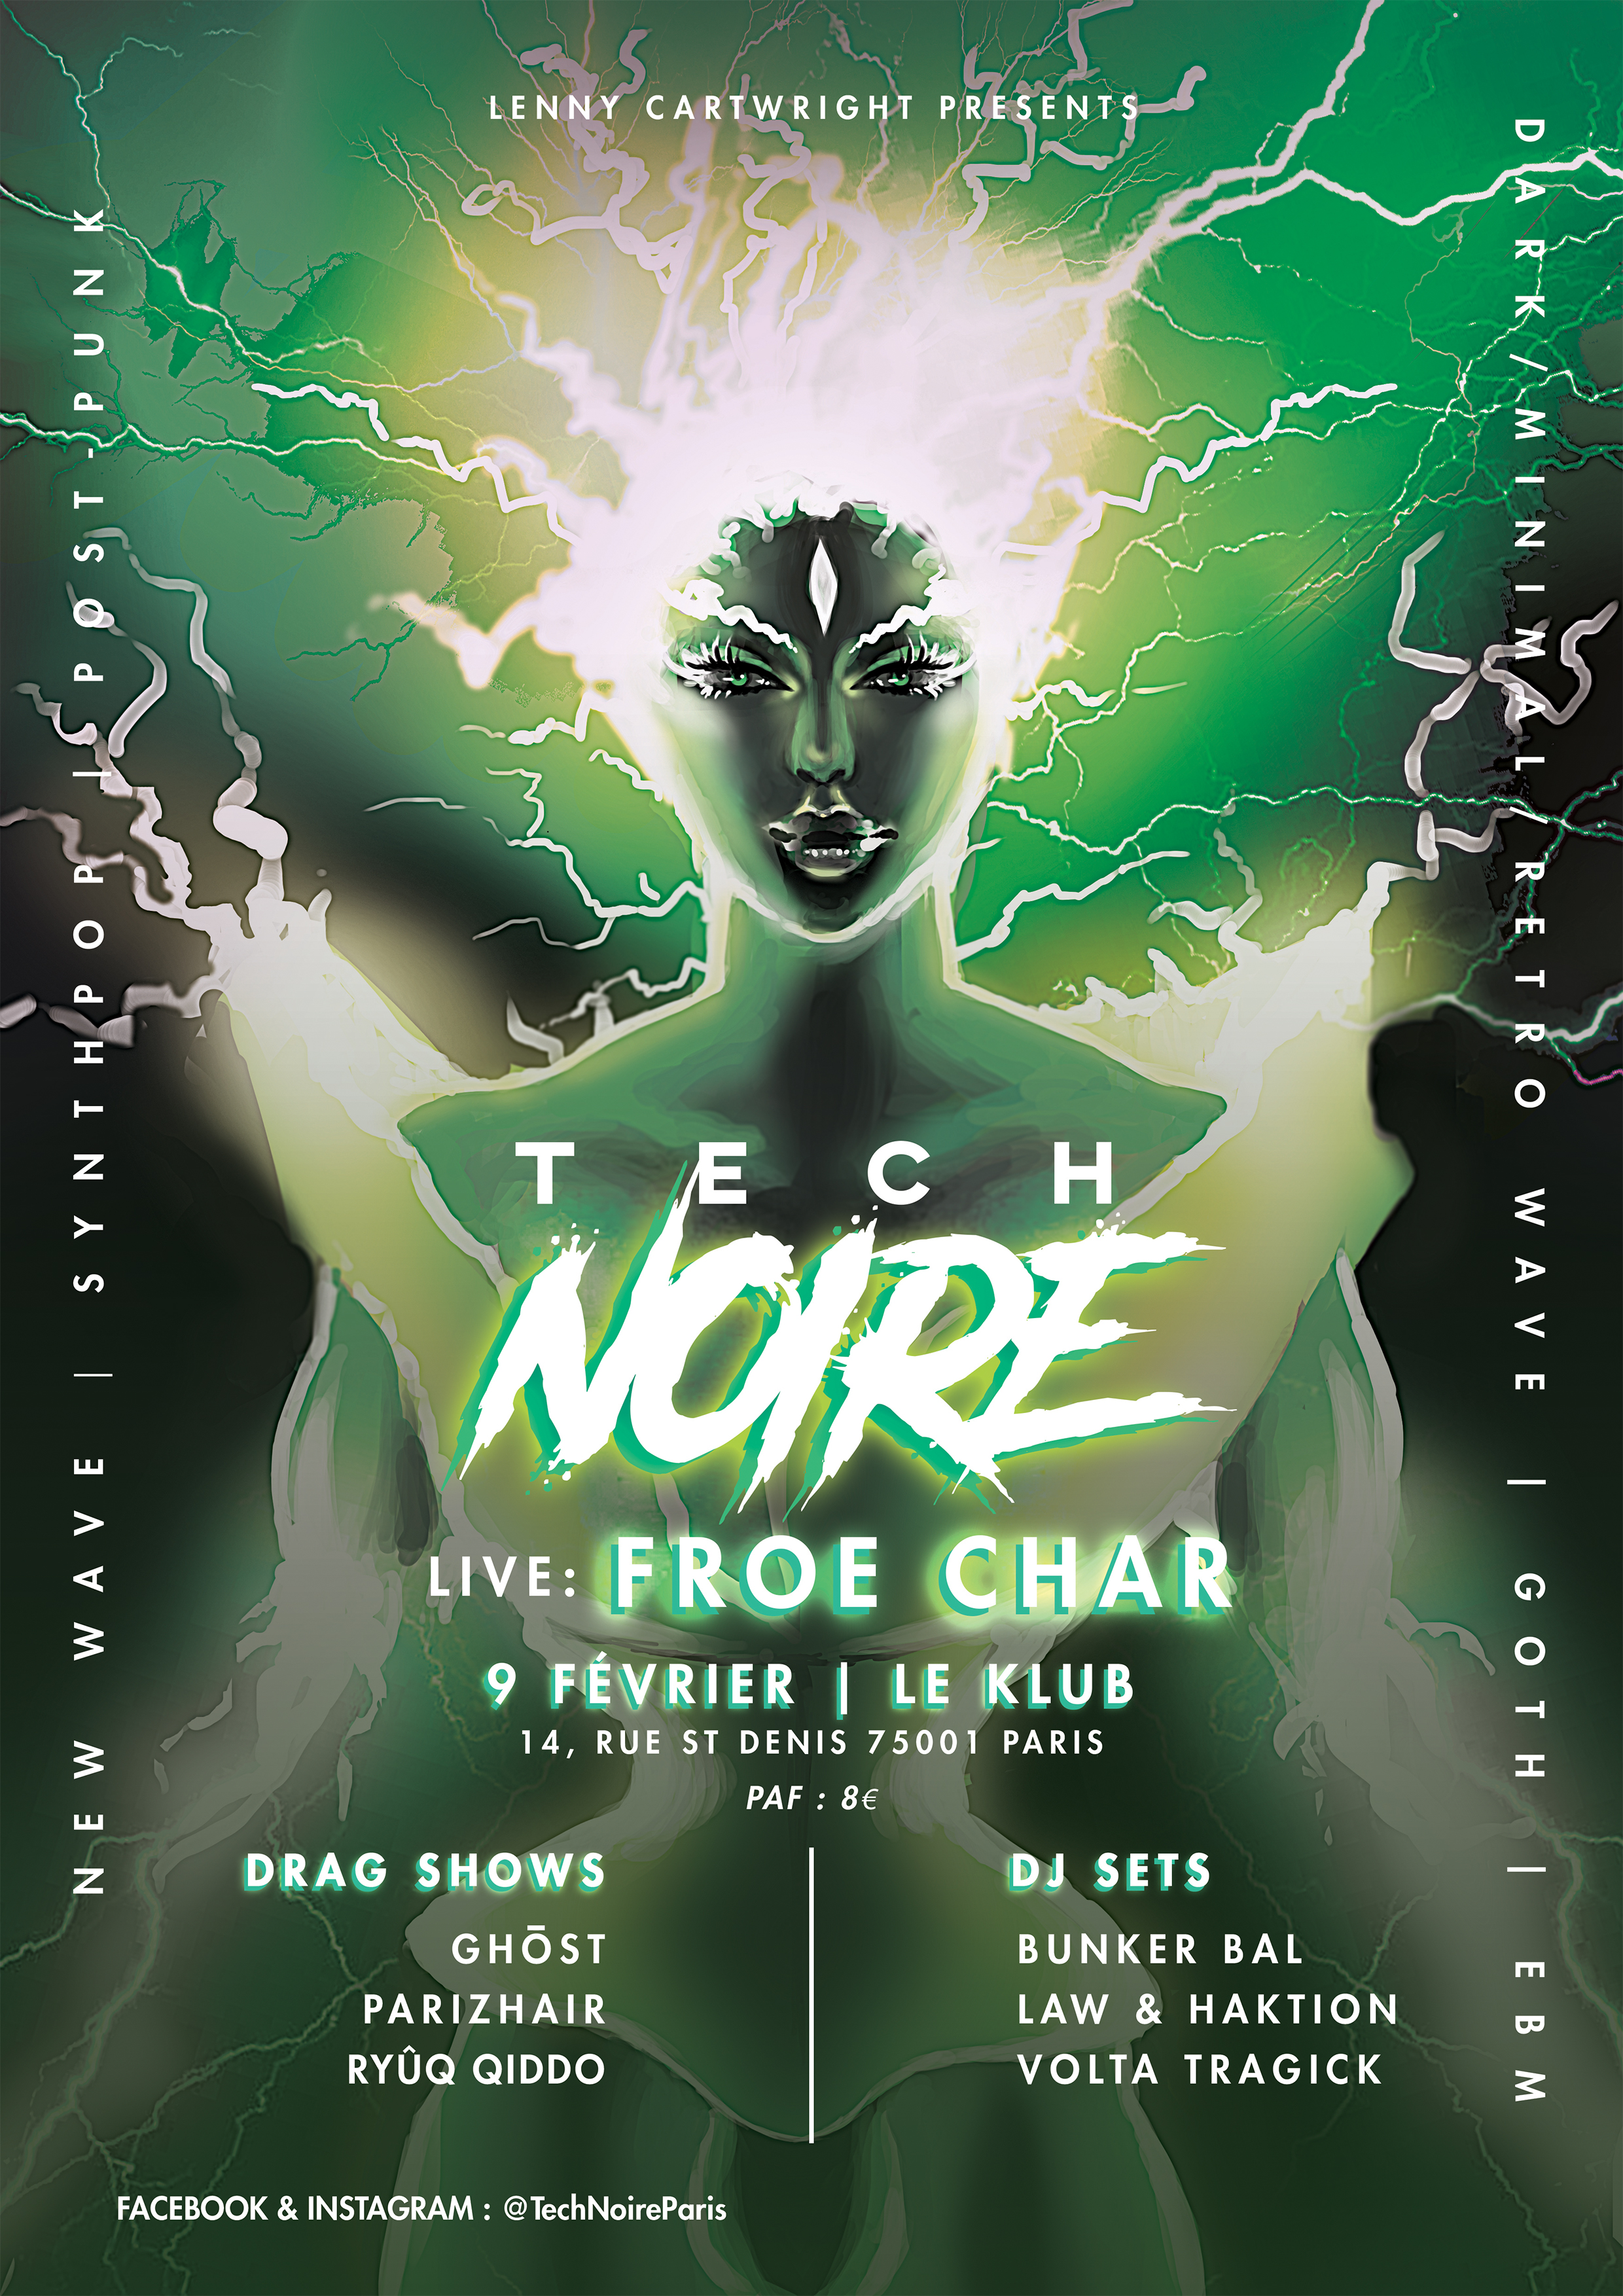 TECH NOIRE ft. FROE CHAR ■ 09.02